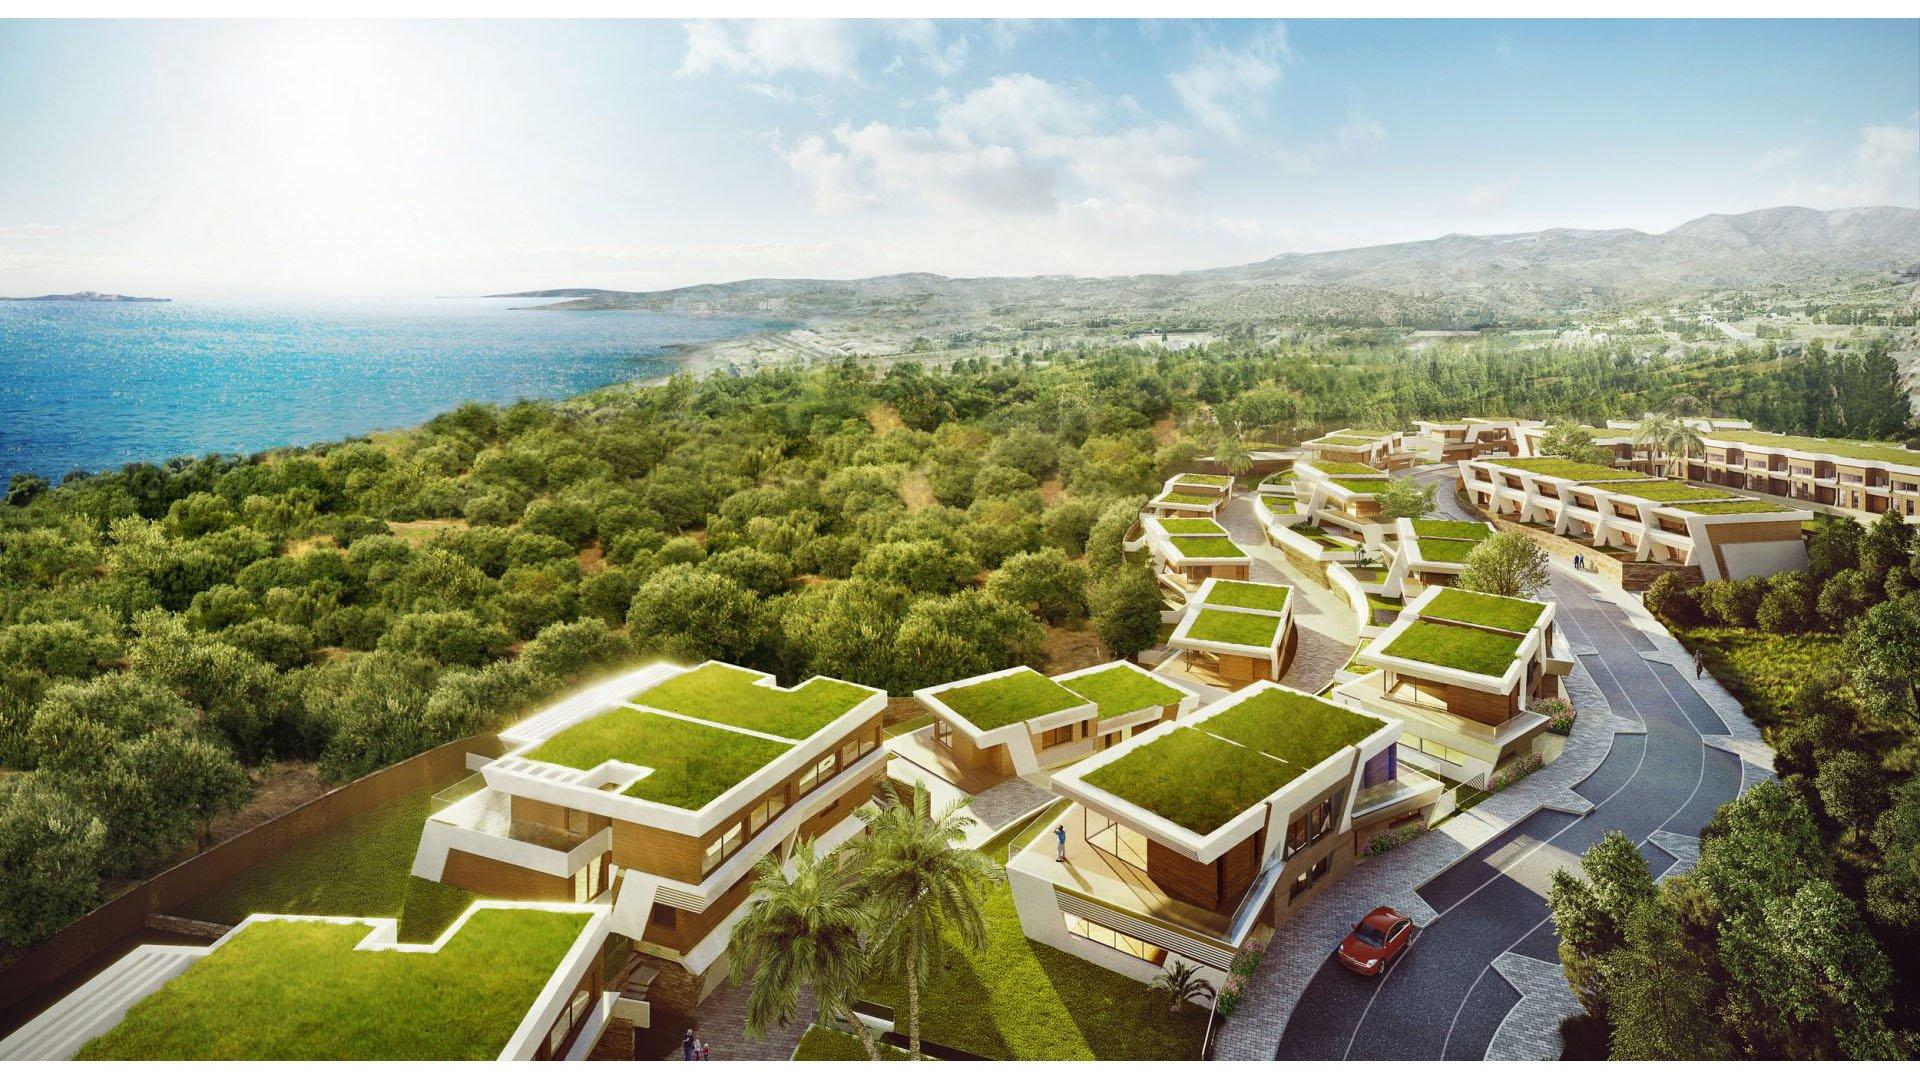 Eden: Luxury townhouses in an exclusive resort